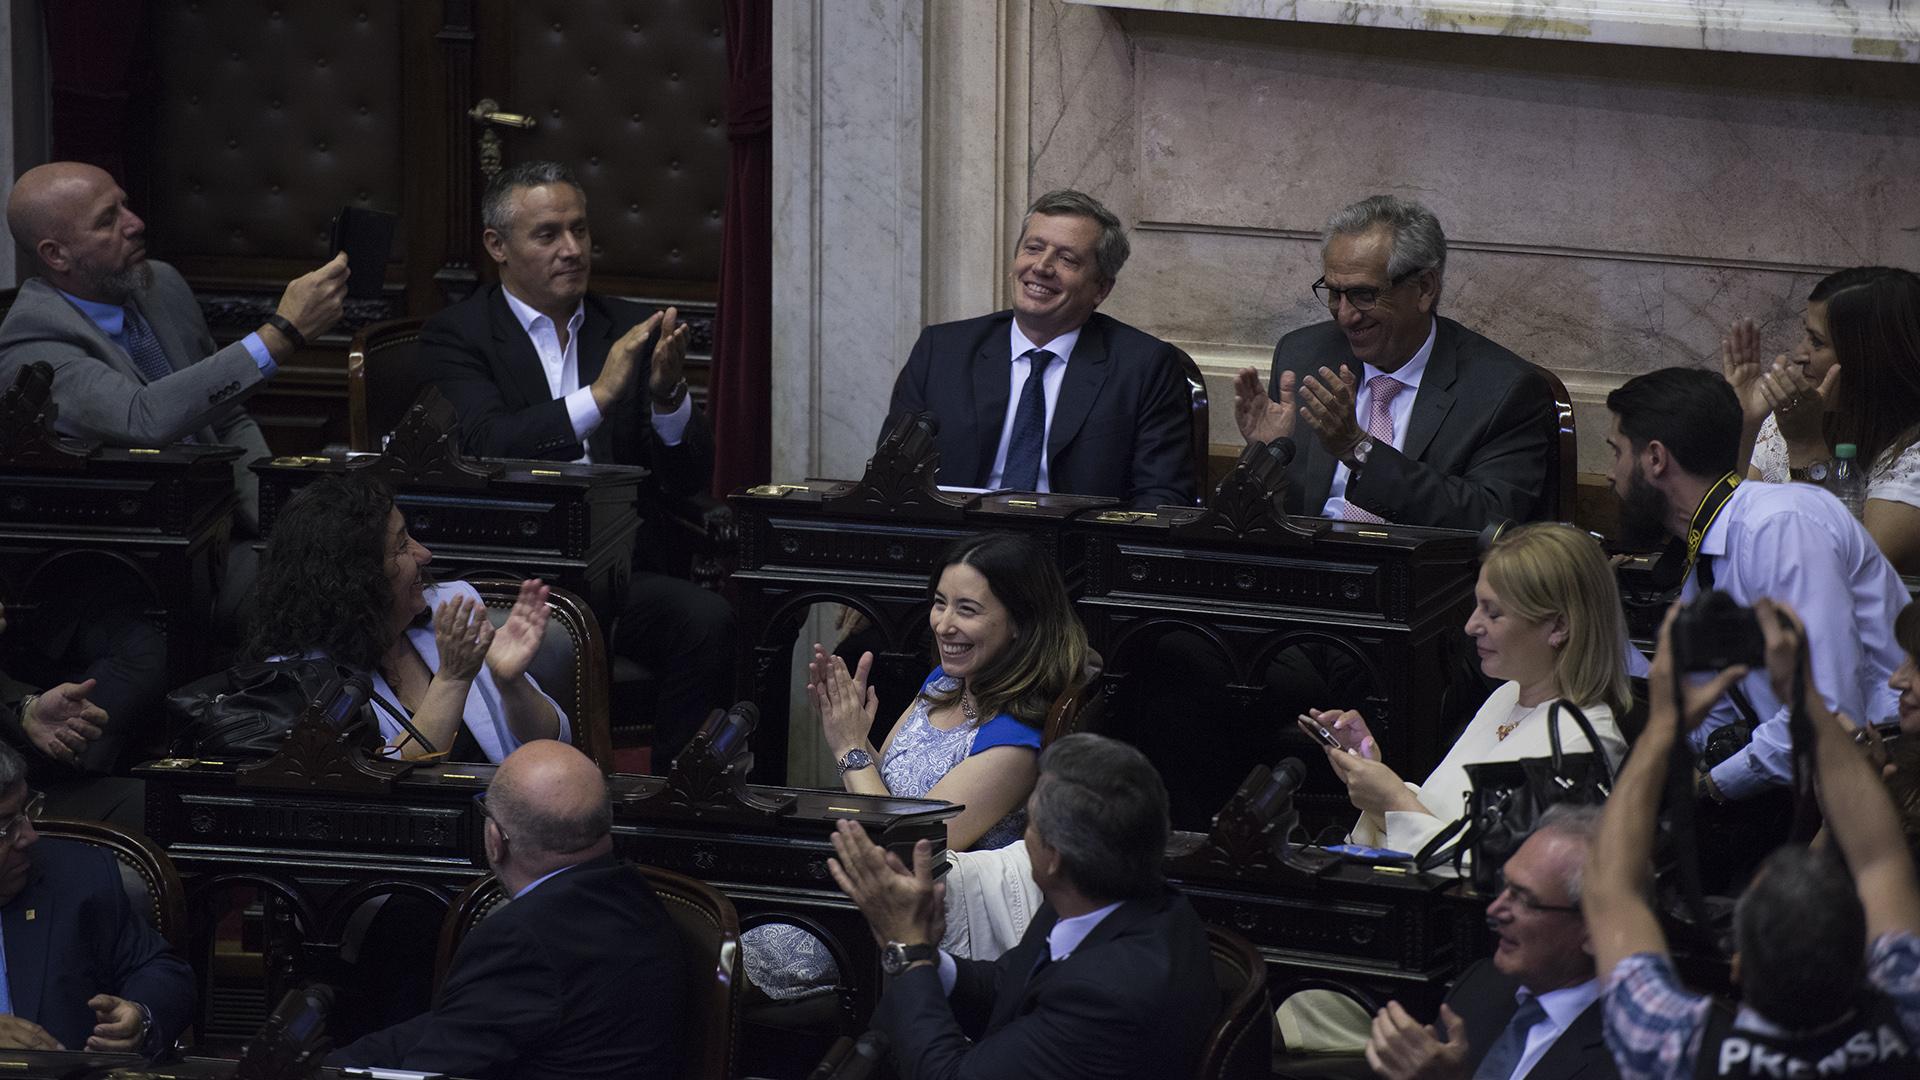 Los legisladores aplauden al presidente de la Cámara, Emilio Monzó